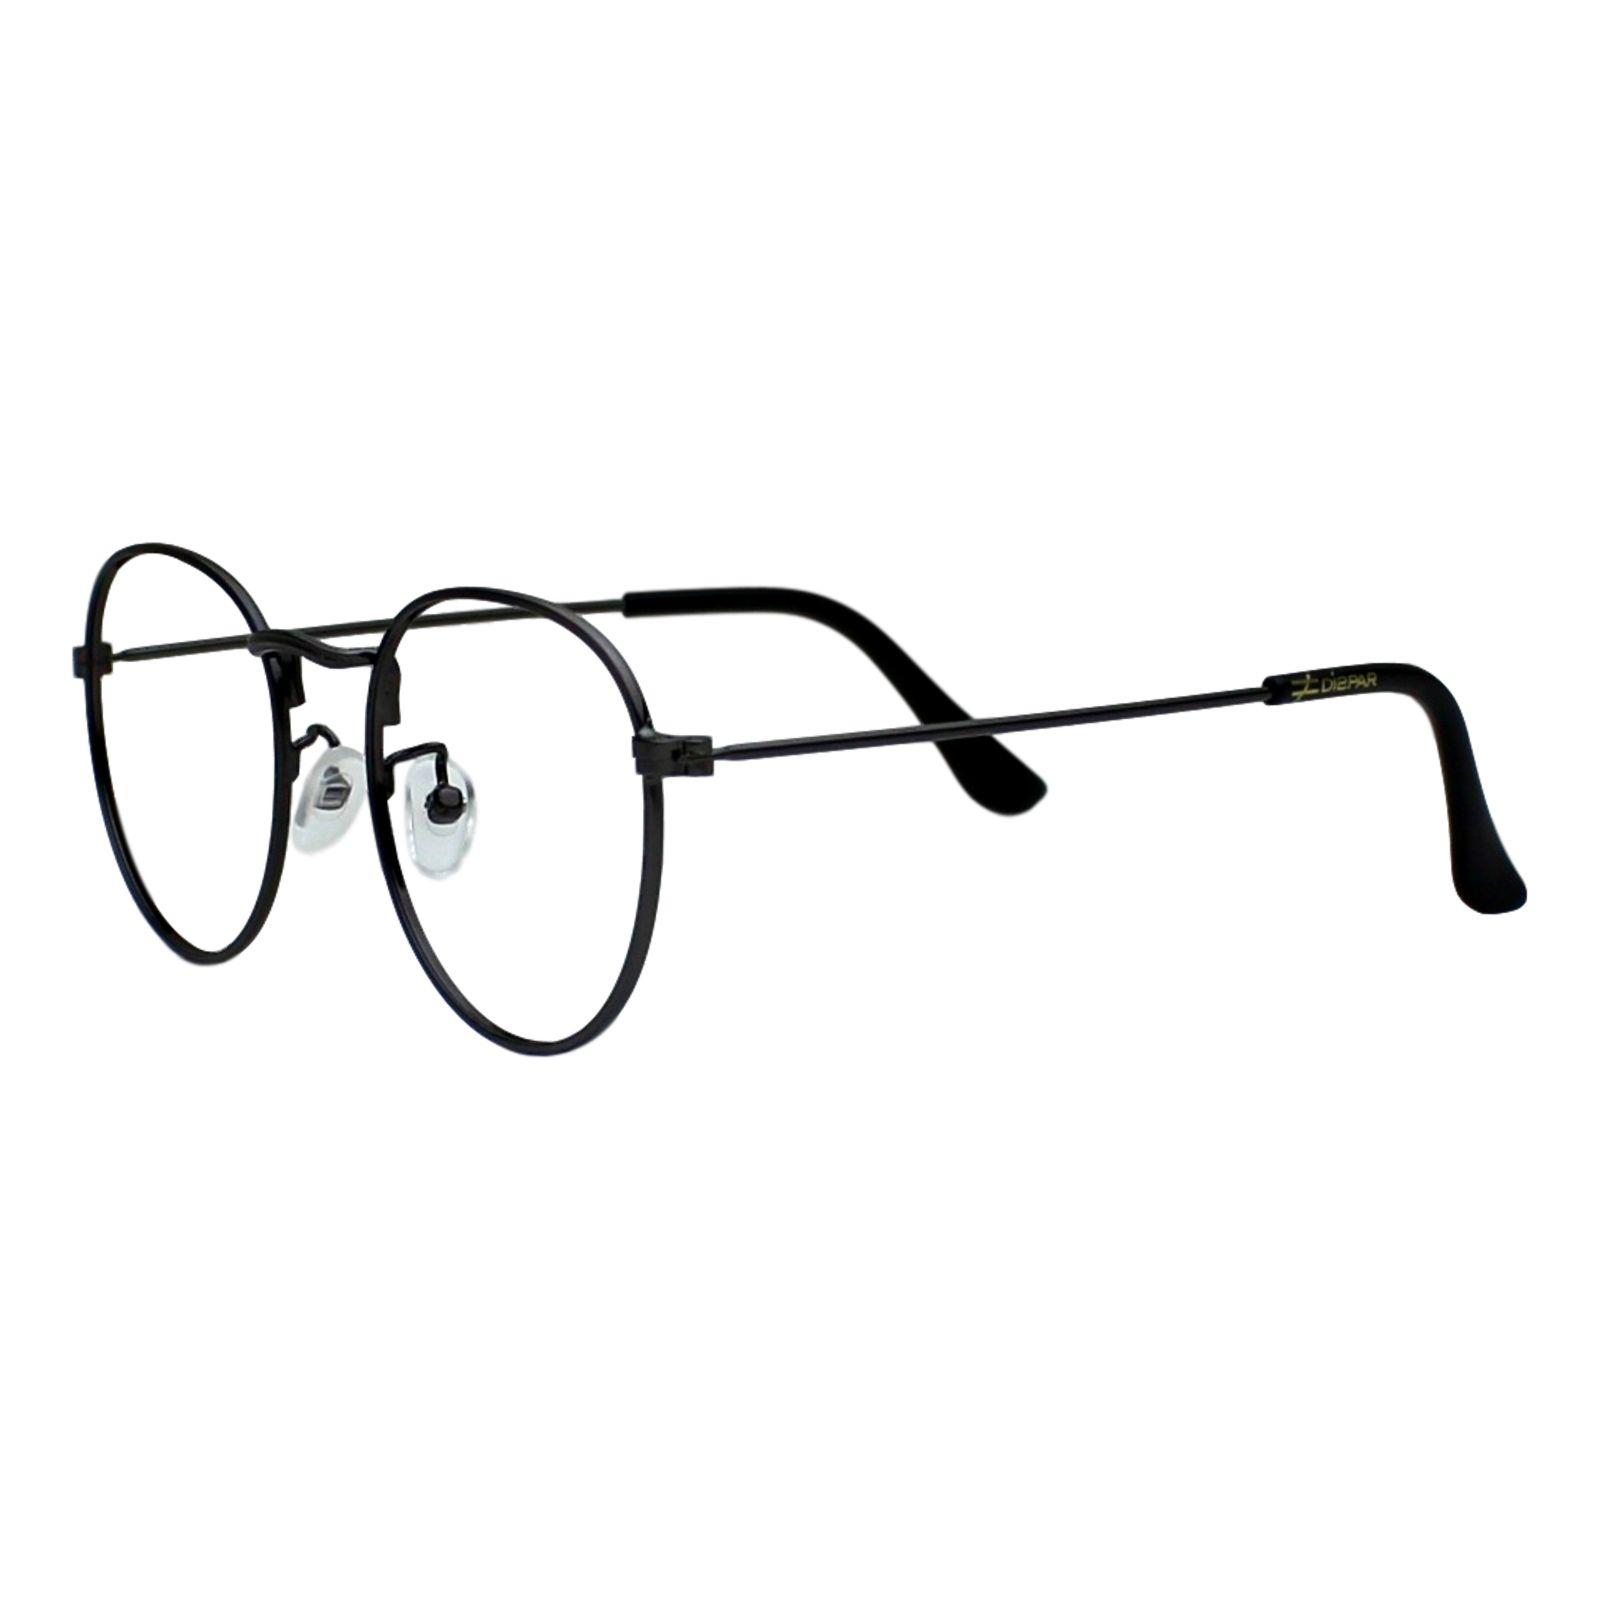 Armacao Para Oculos Dispar D1647 Redondo Chumbo Em 2020 Armacoes